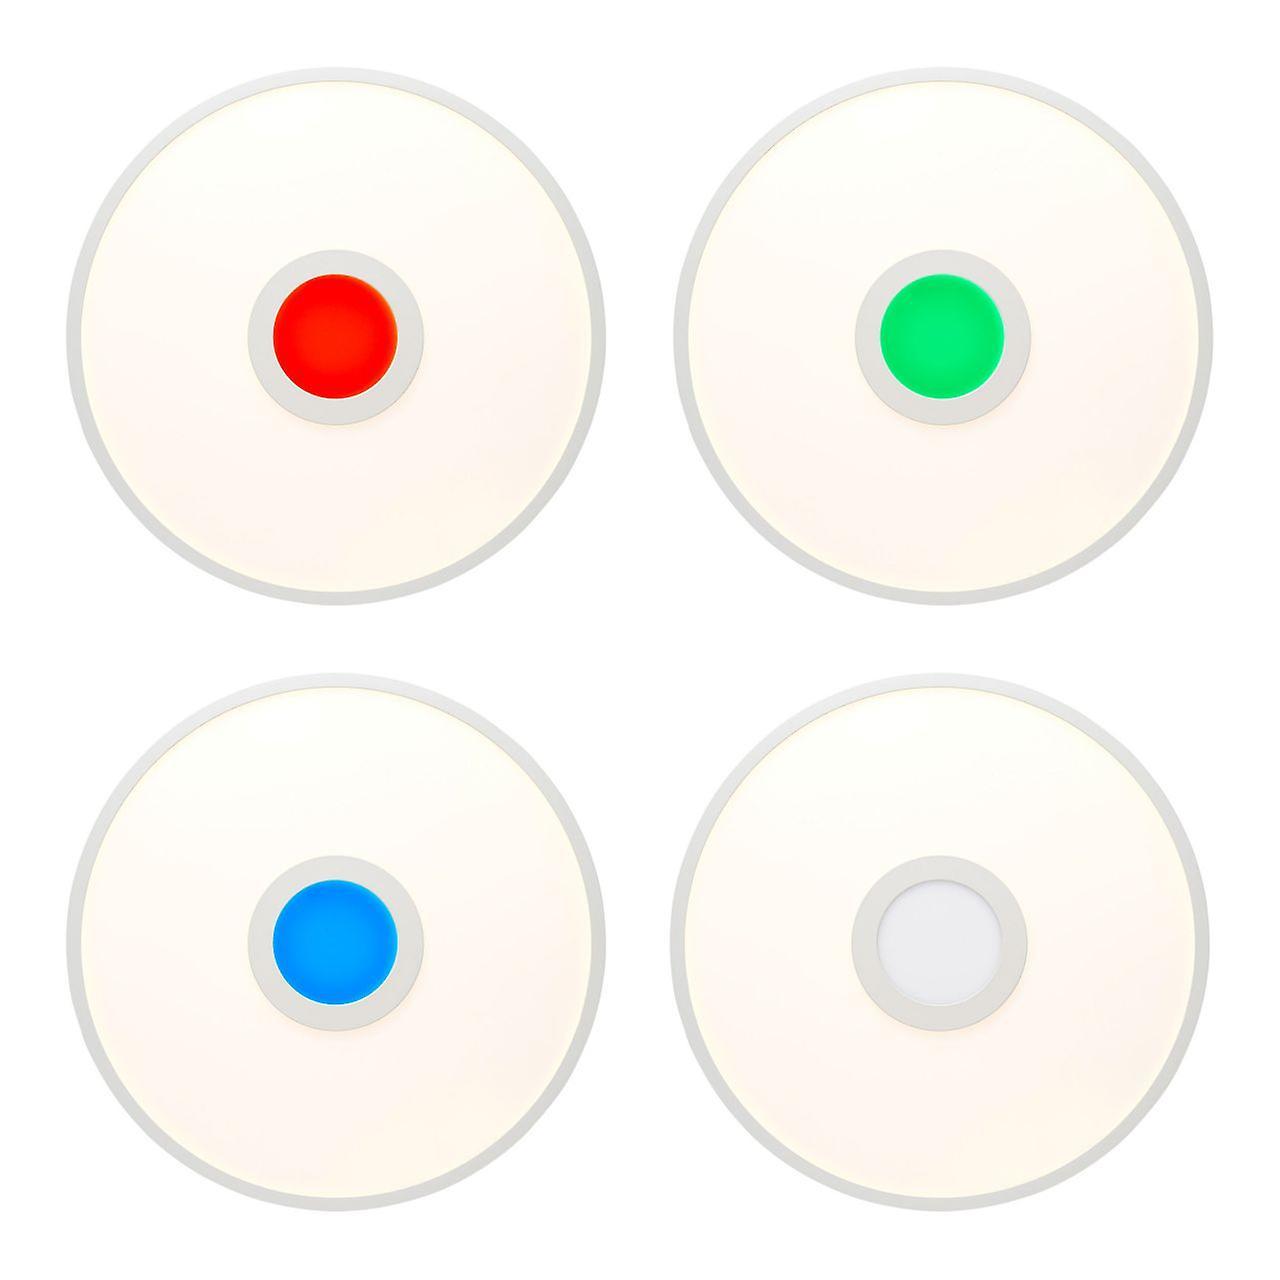 BRILLIANT Lampe Odella LED Deckenaufbau-Paneel 45cm weiß | 1x 24W LED integriert, (2940lm, 2700-6500K) | Skala A++ bis E | RGB-Dekolicht für farbenfrohe Akzentbeleuchtung